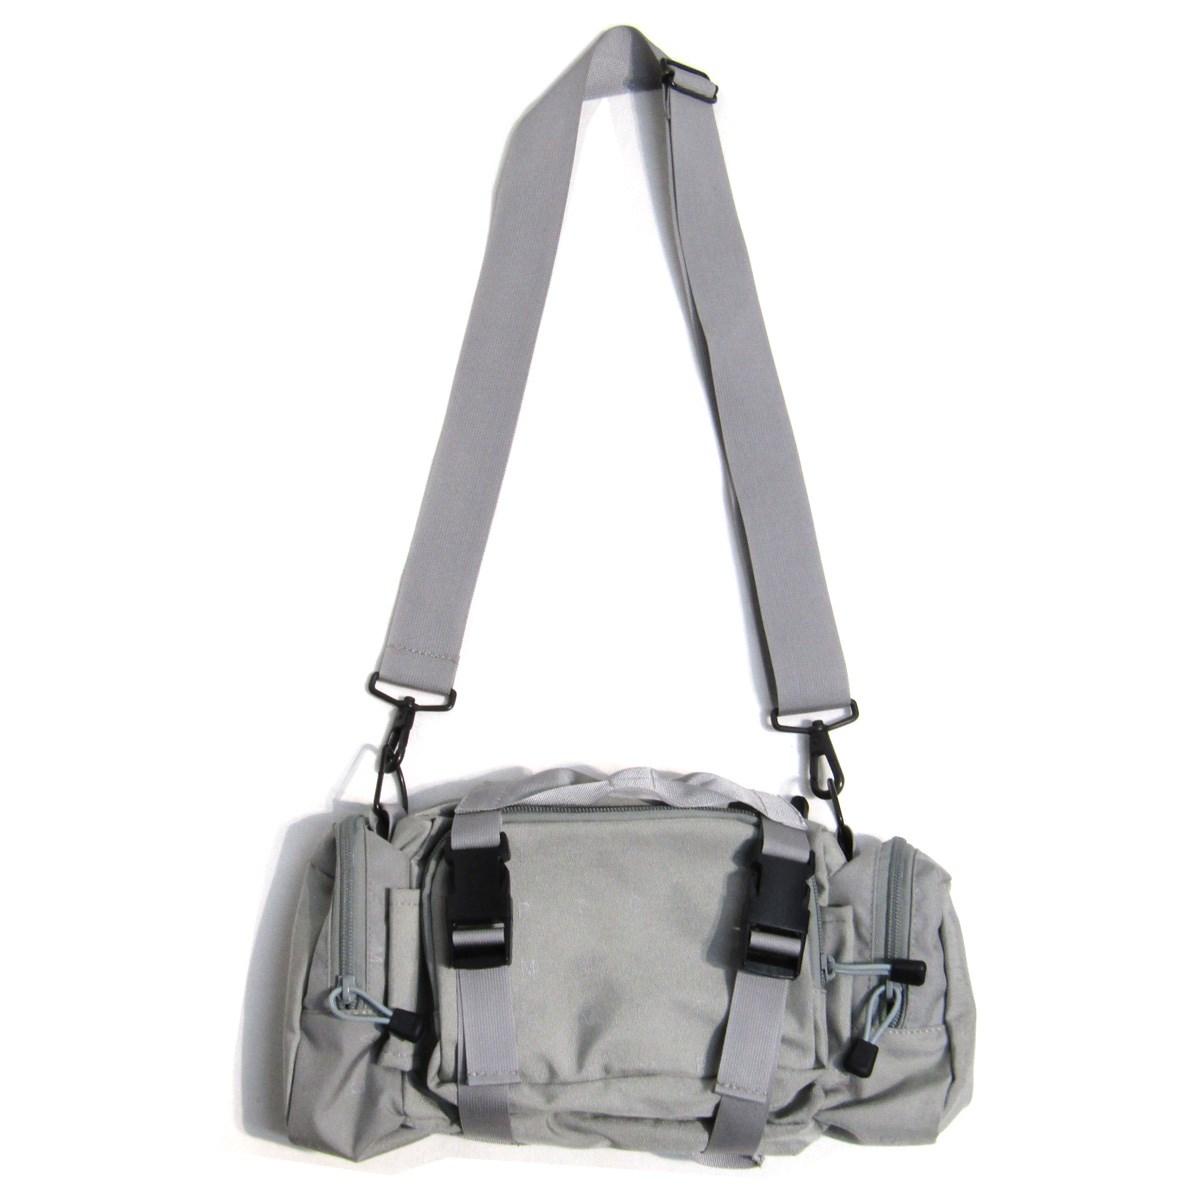 【中古】C.E Array Shoulder Bag ボディーバッグ グレー 【200820】(シーイー)